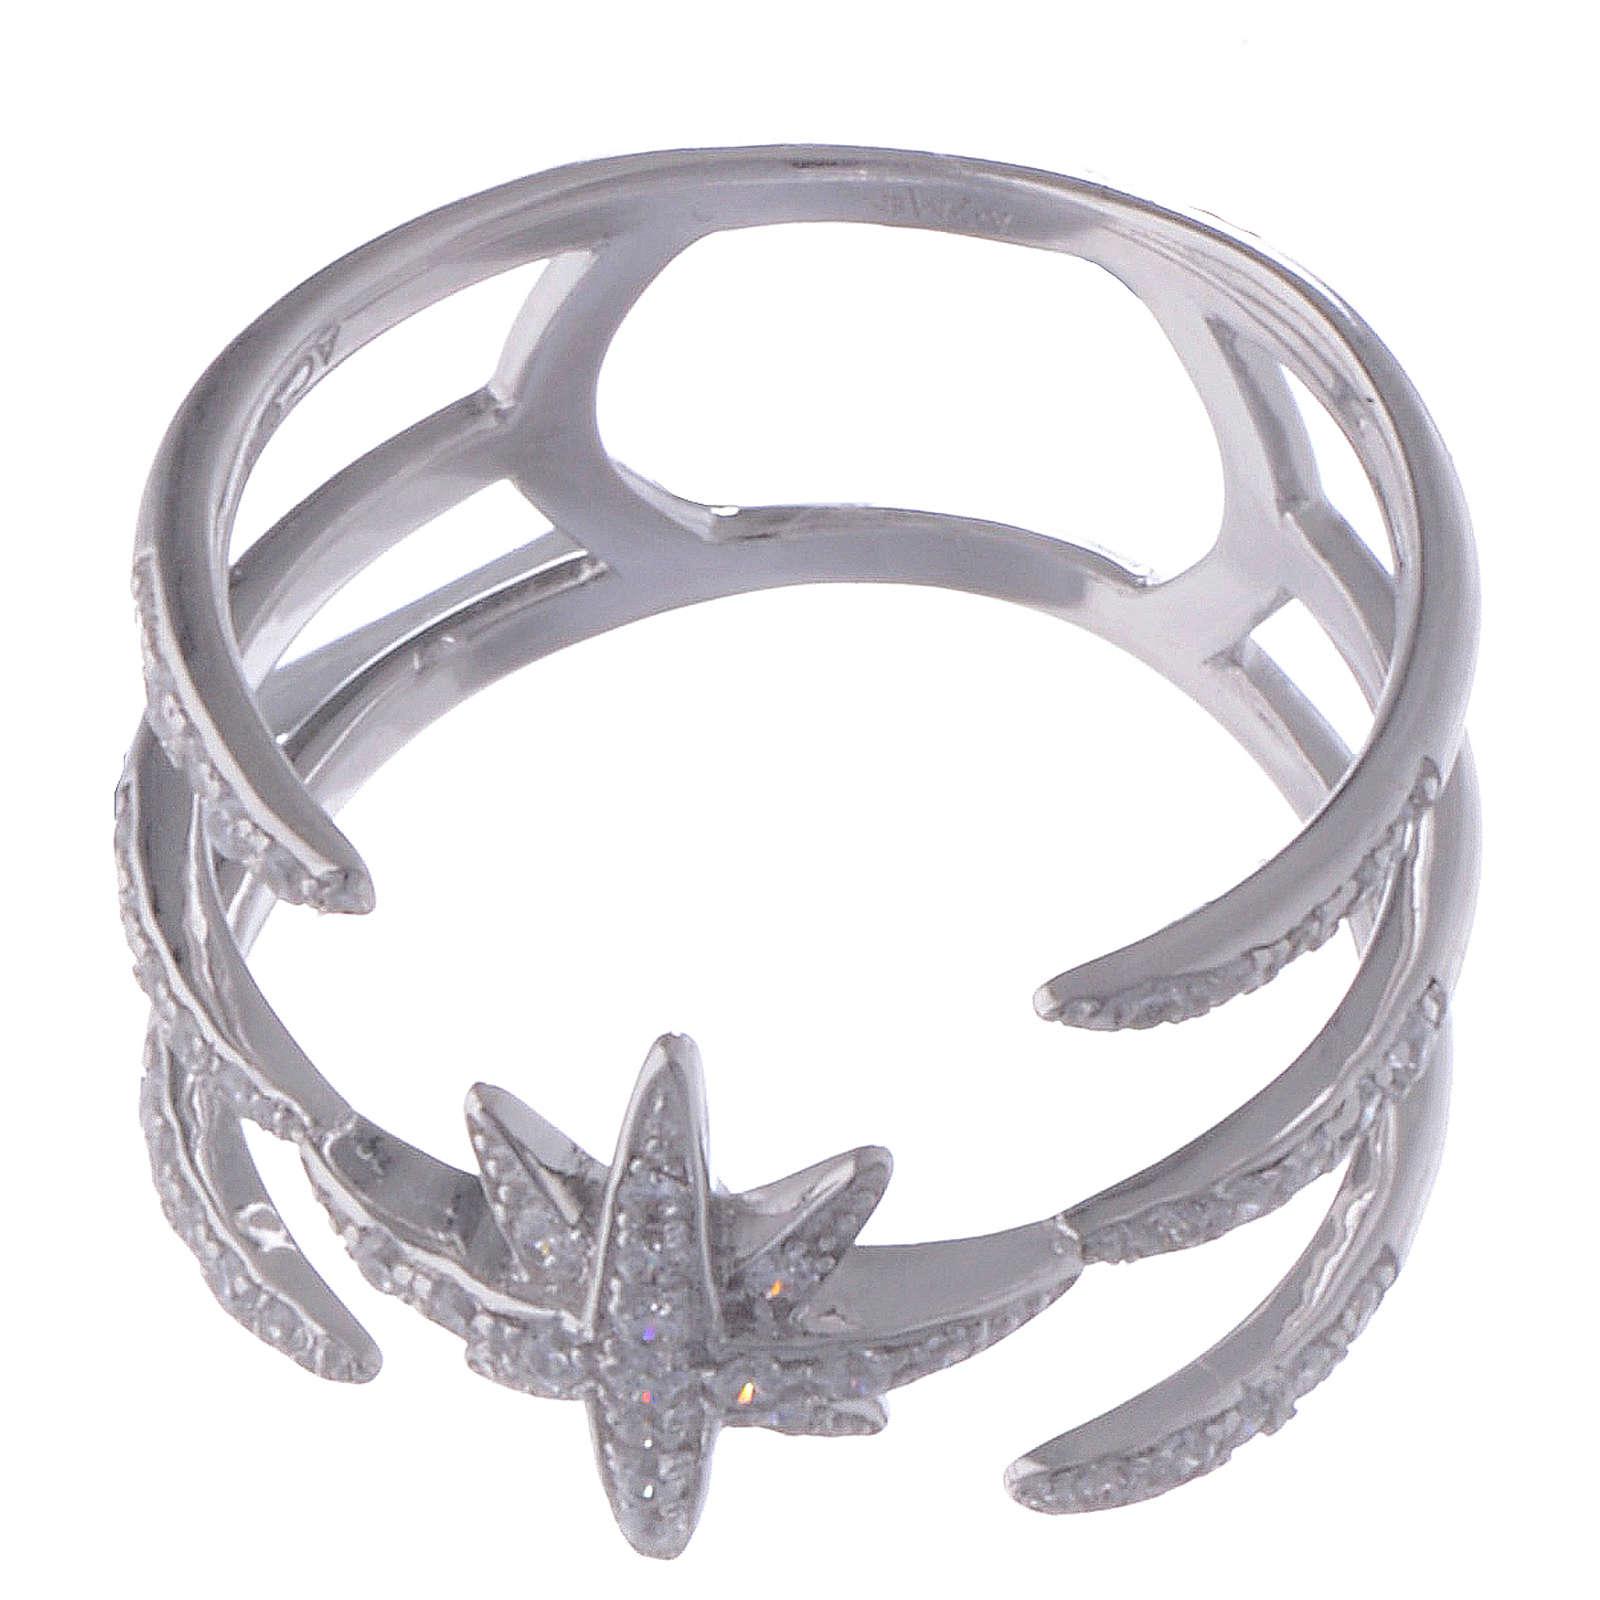 Anello Amen in Argento 925 e zirconi bianchi croce del sud 3